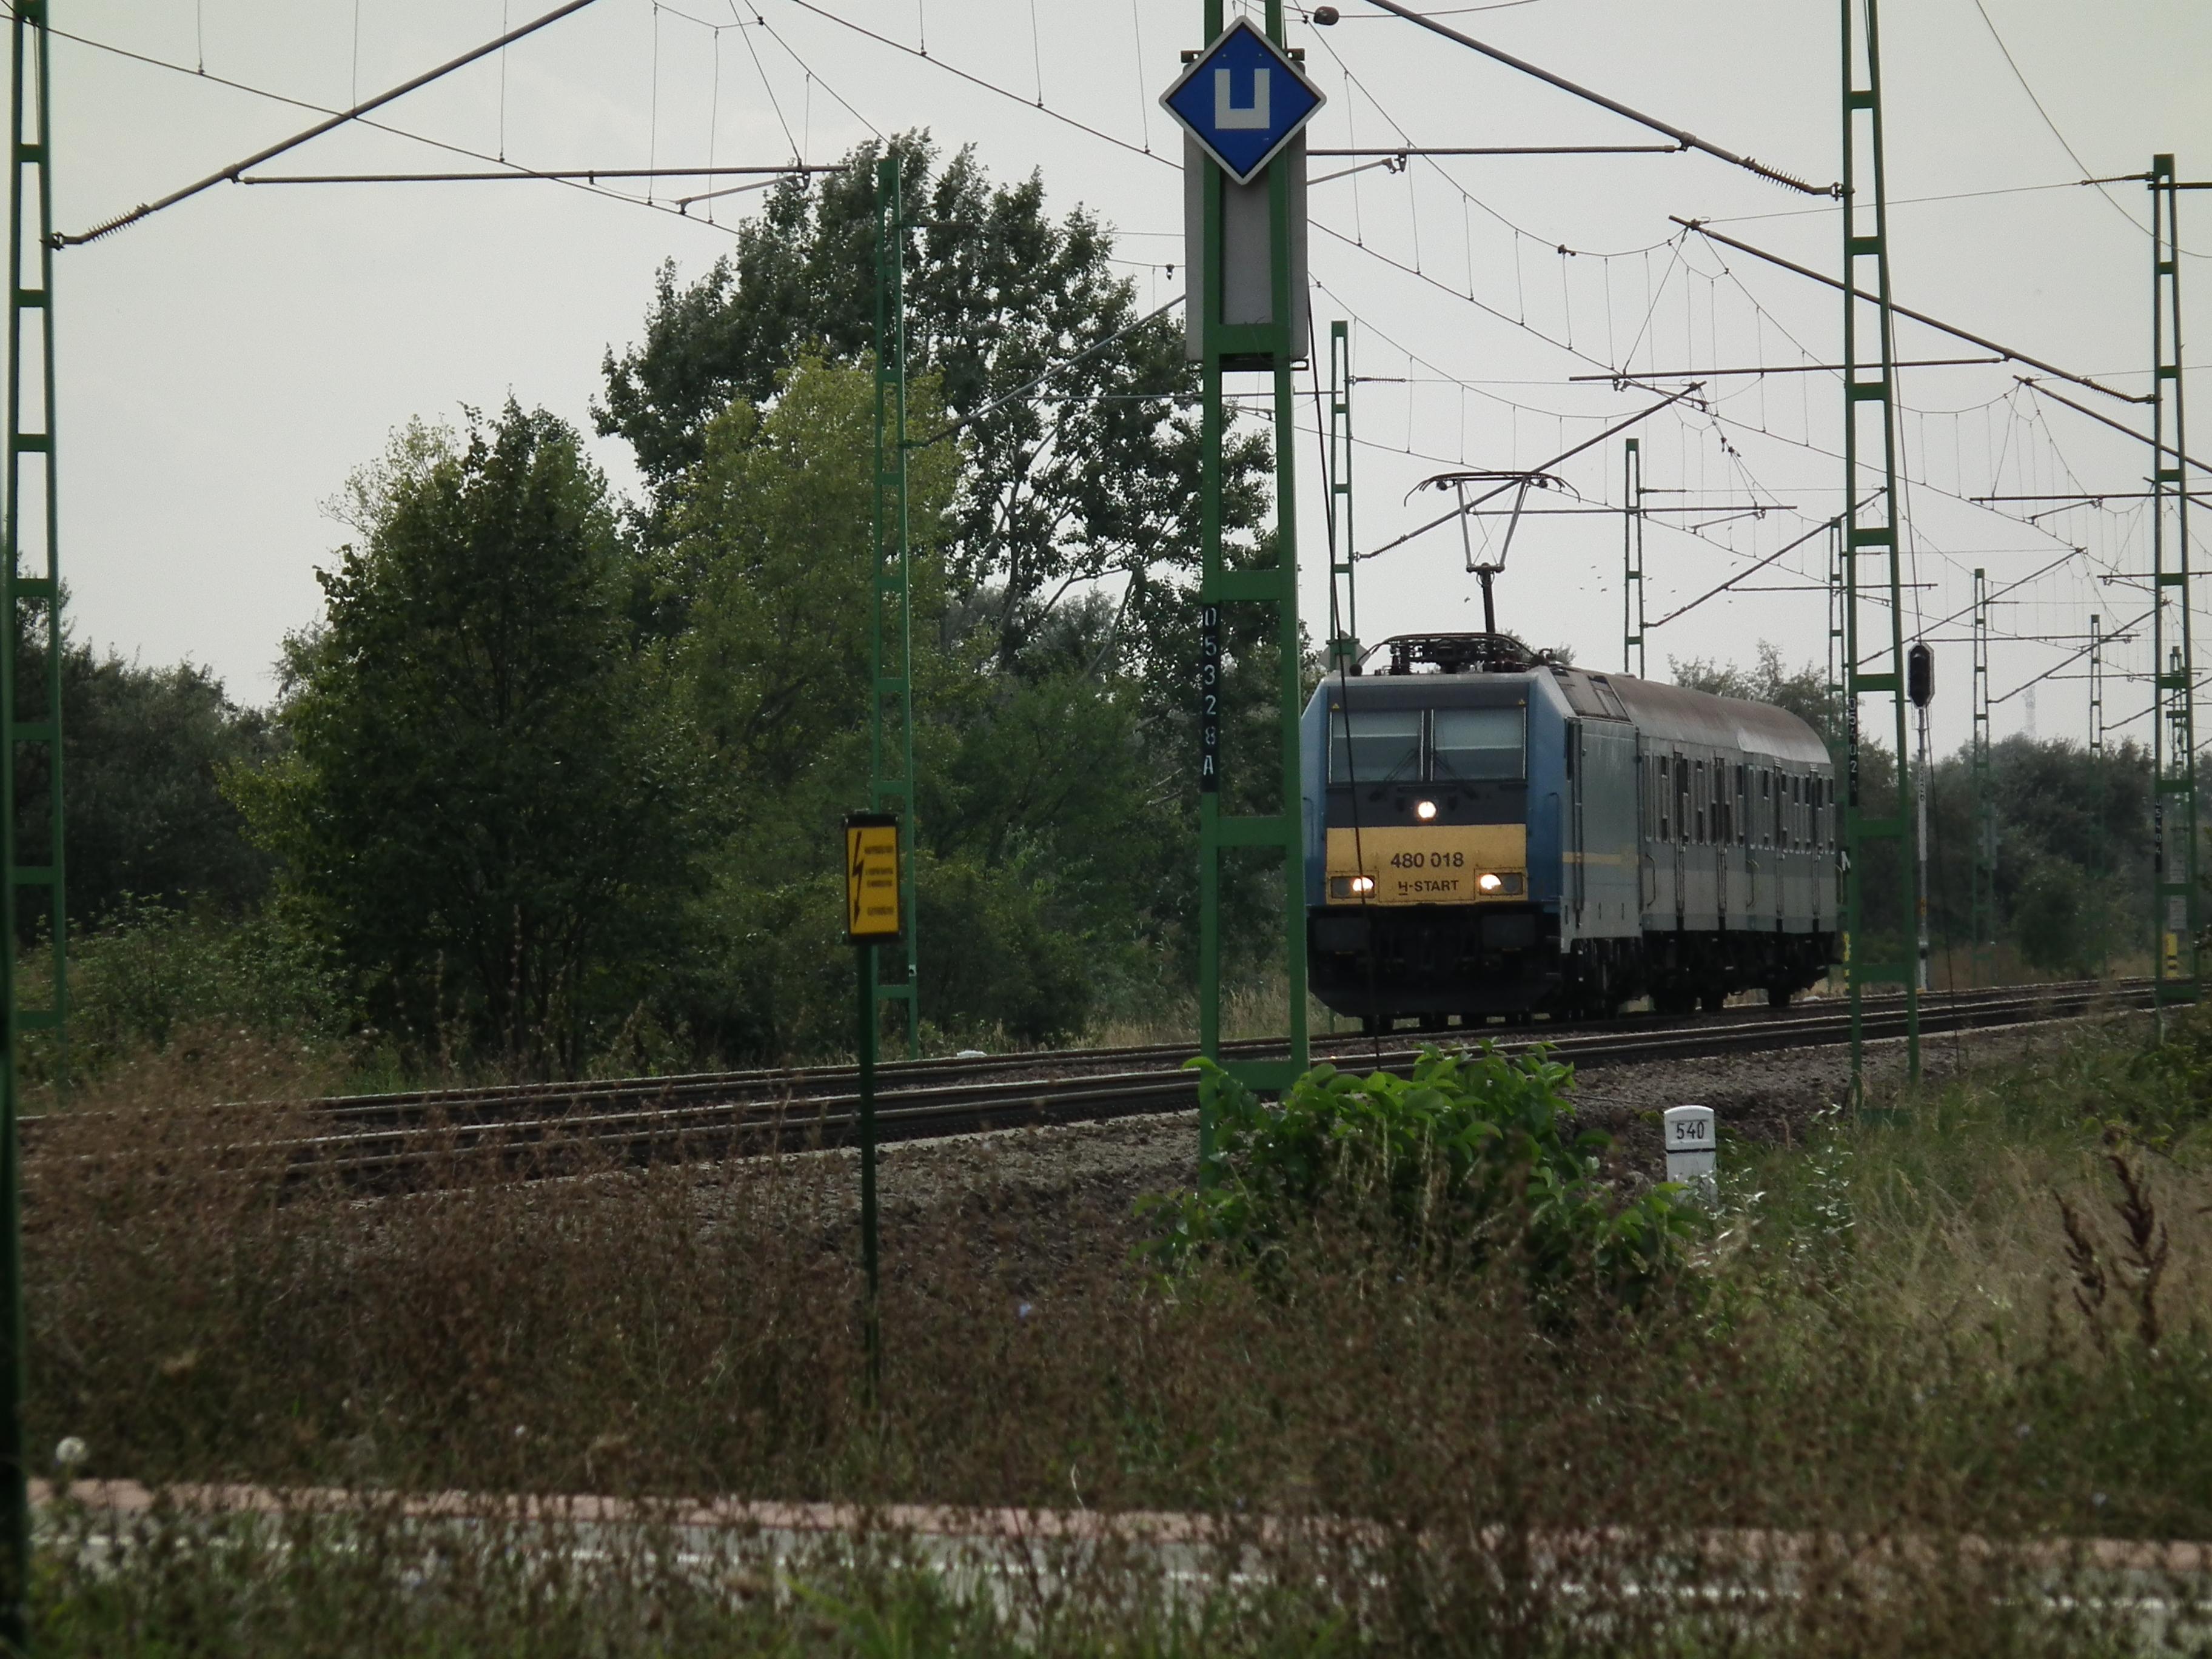 dscf1436.JPG